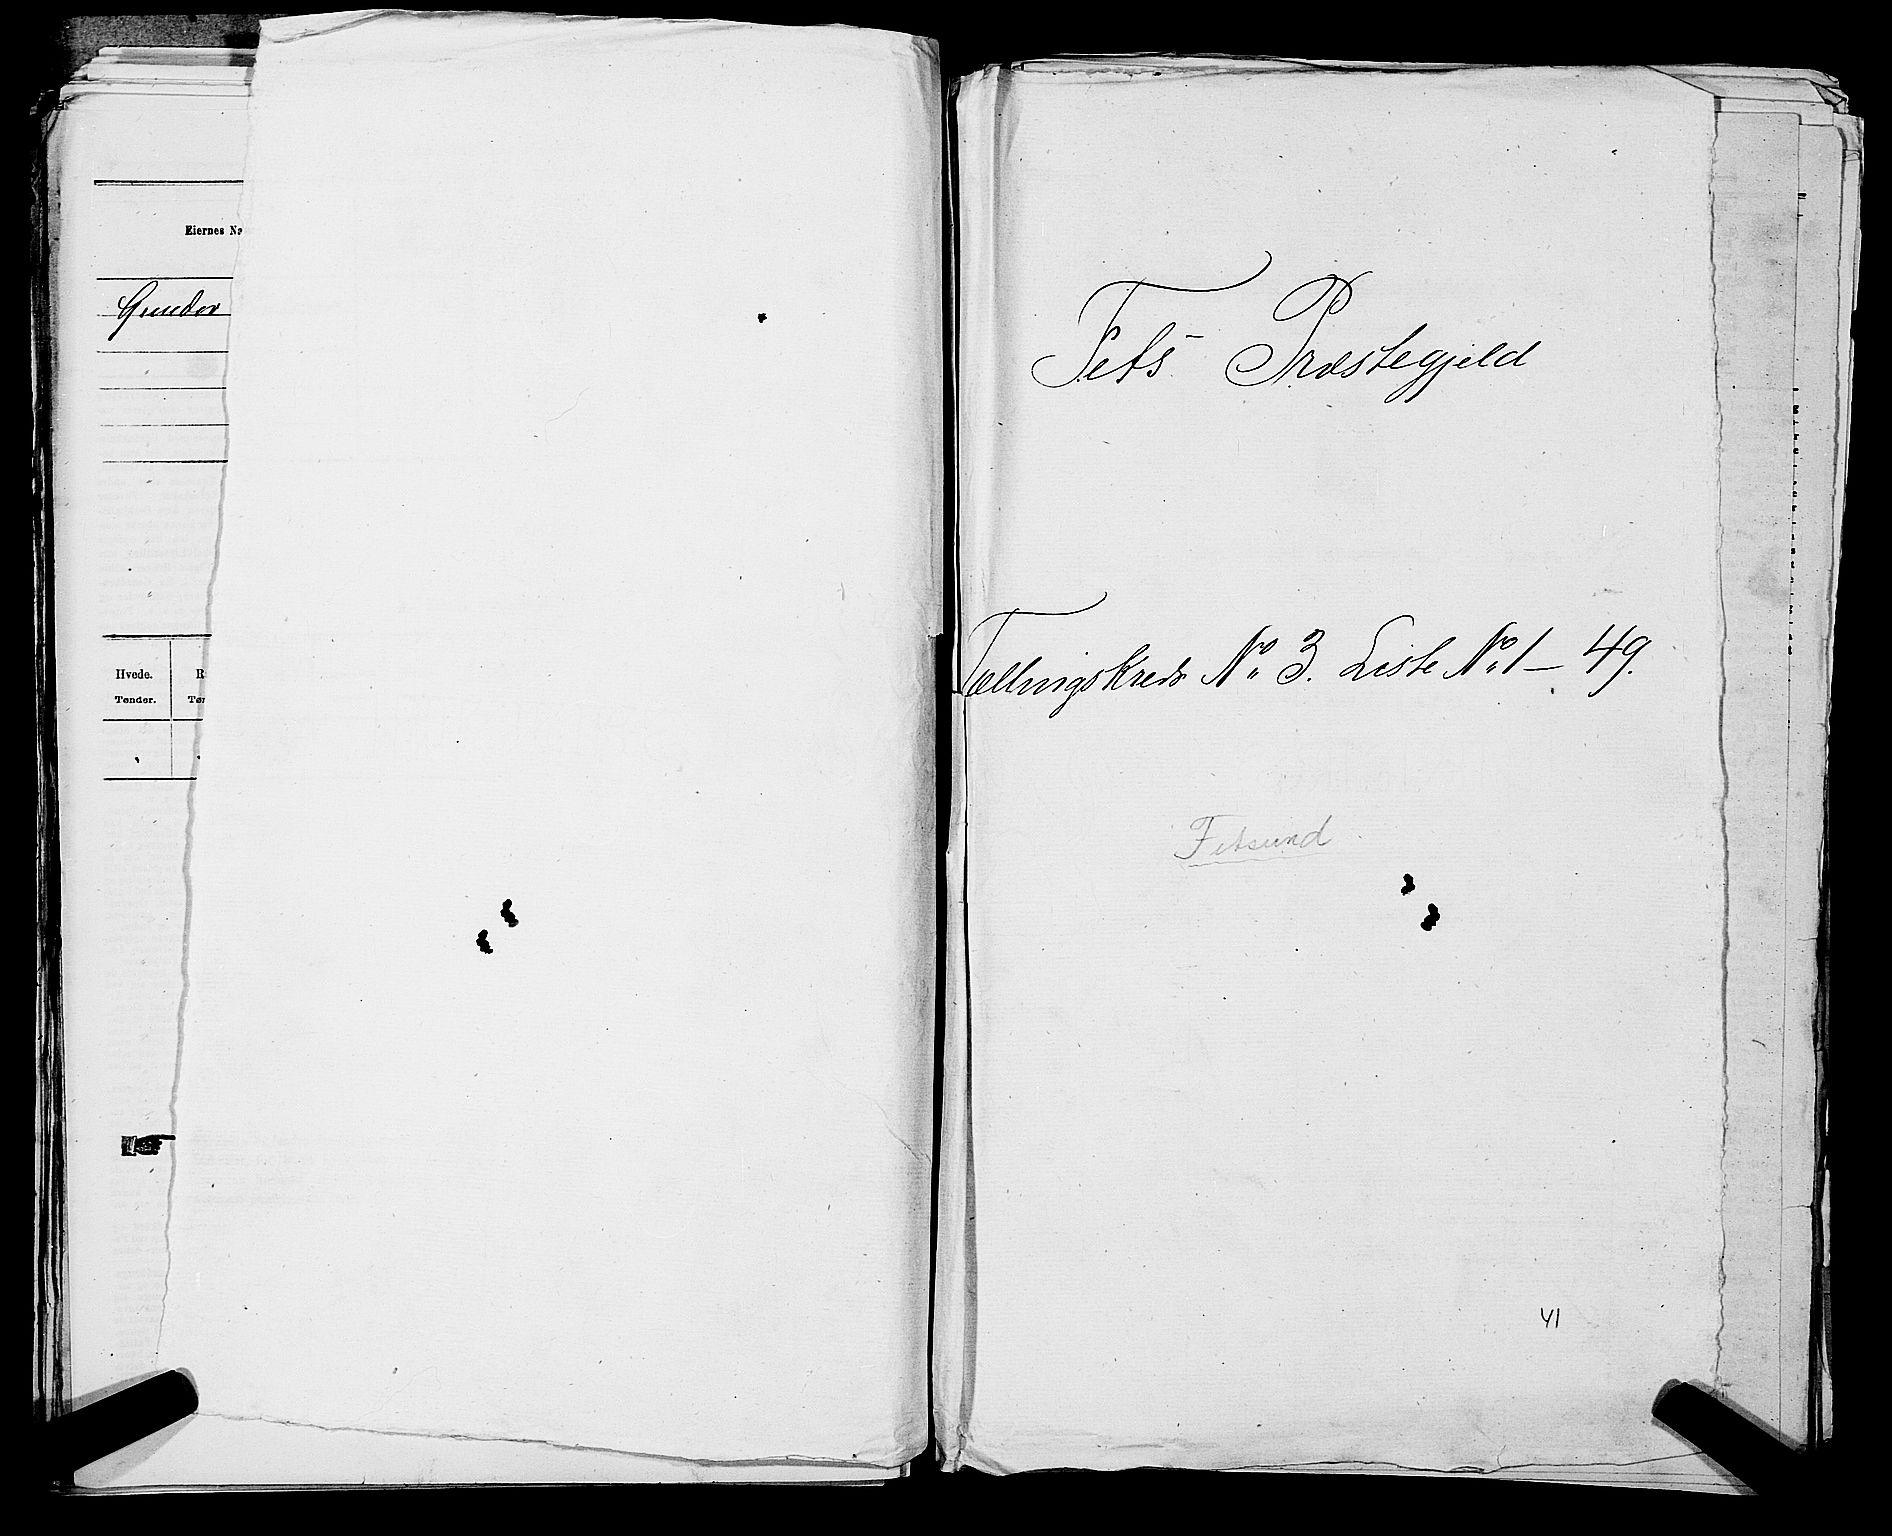 RA, Folketelling 1875 for 0227P Fet prestegjeld, 1875, s. 330